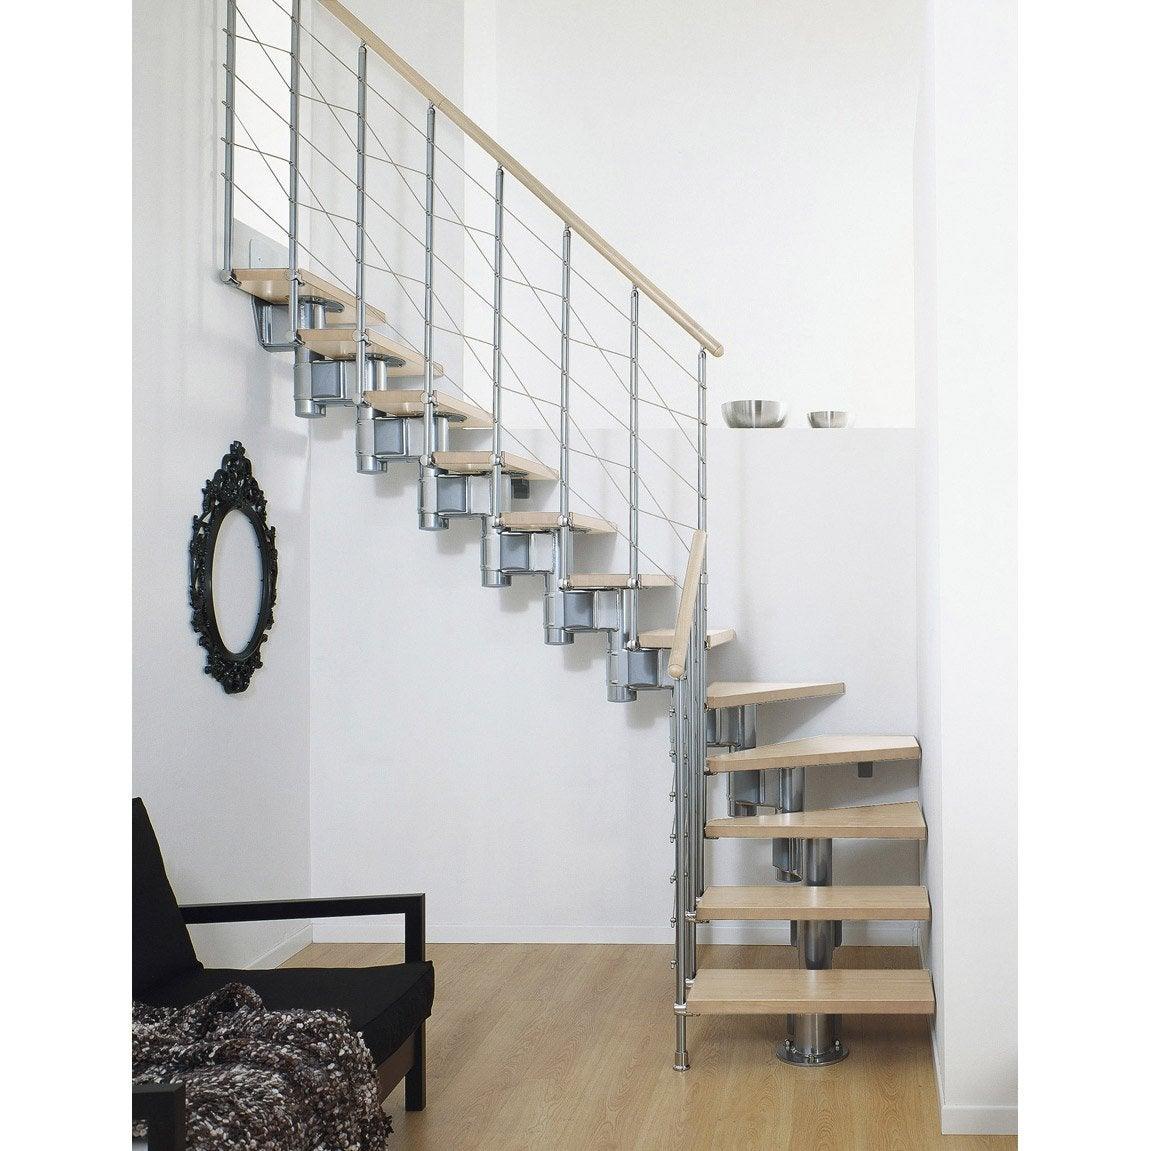 Escalier modulaire long structure m tal marche bois leroy merlin - Marche pied leroy merlin ...